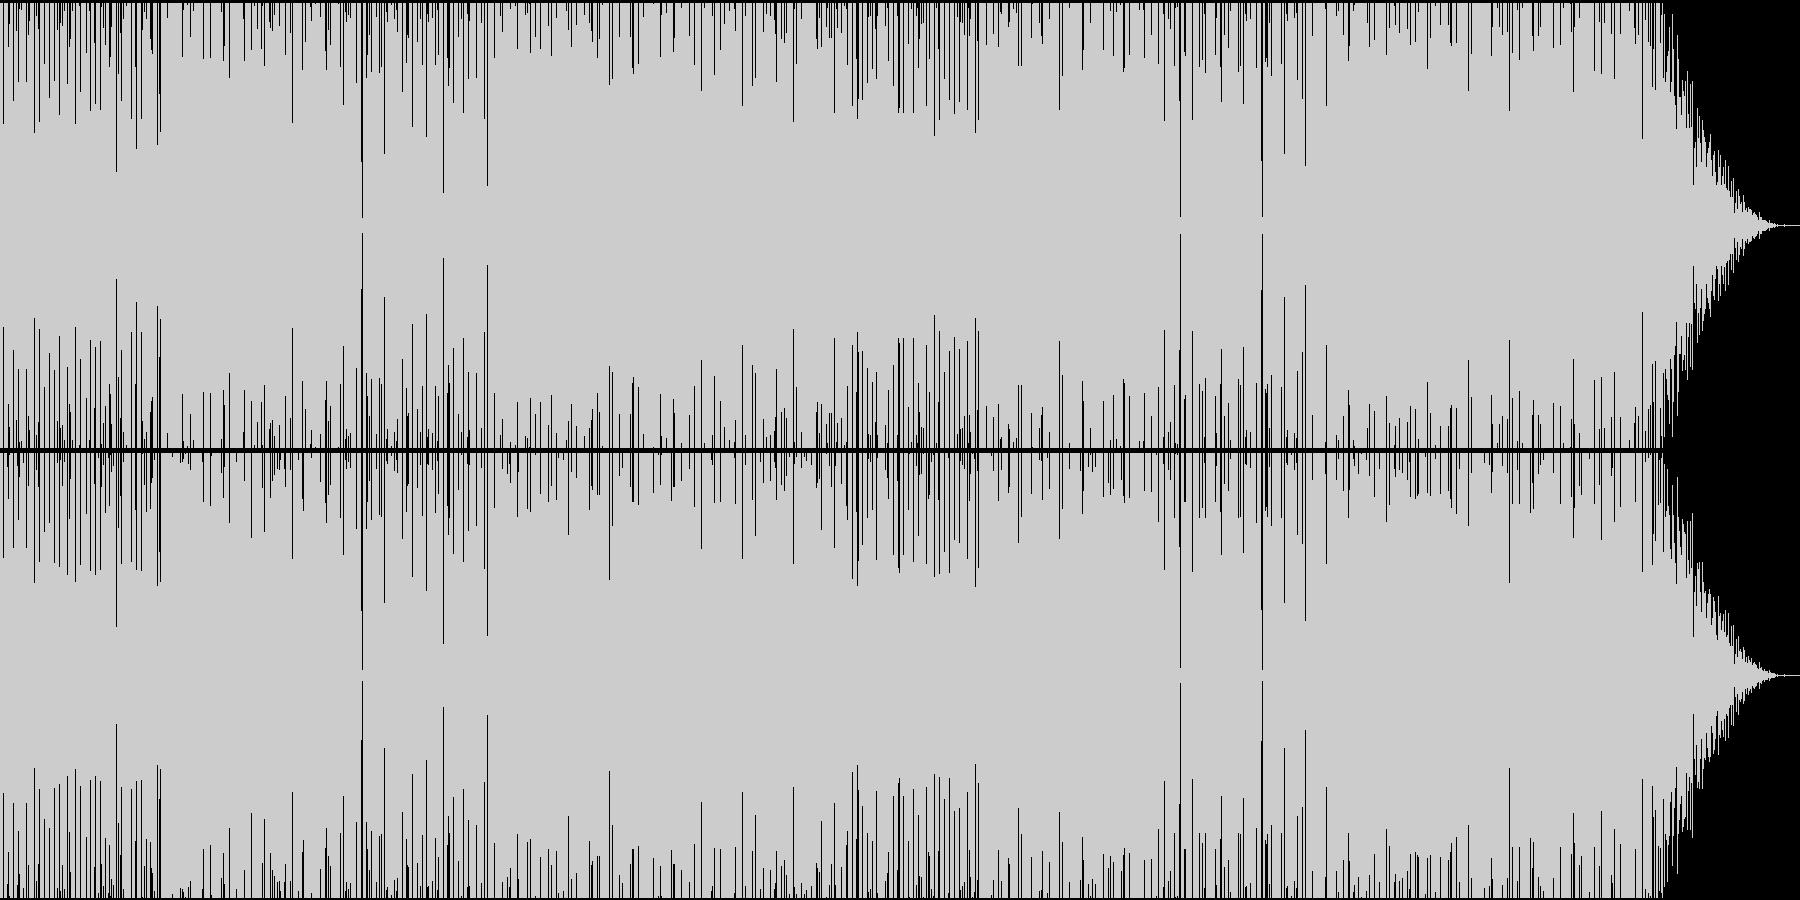 物悲しいシンセサイザーが特徴のBGMの未再生の波形